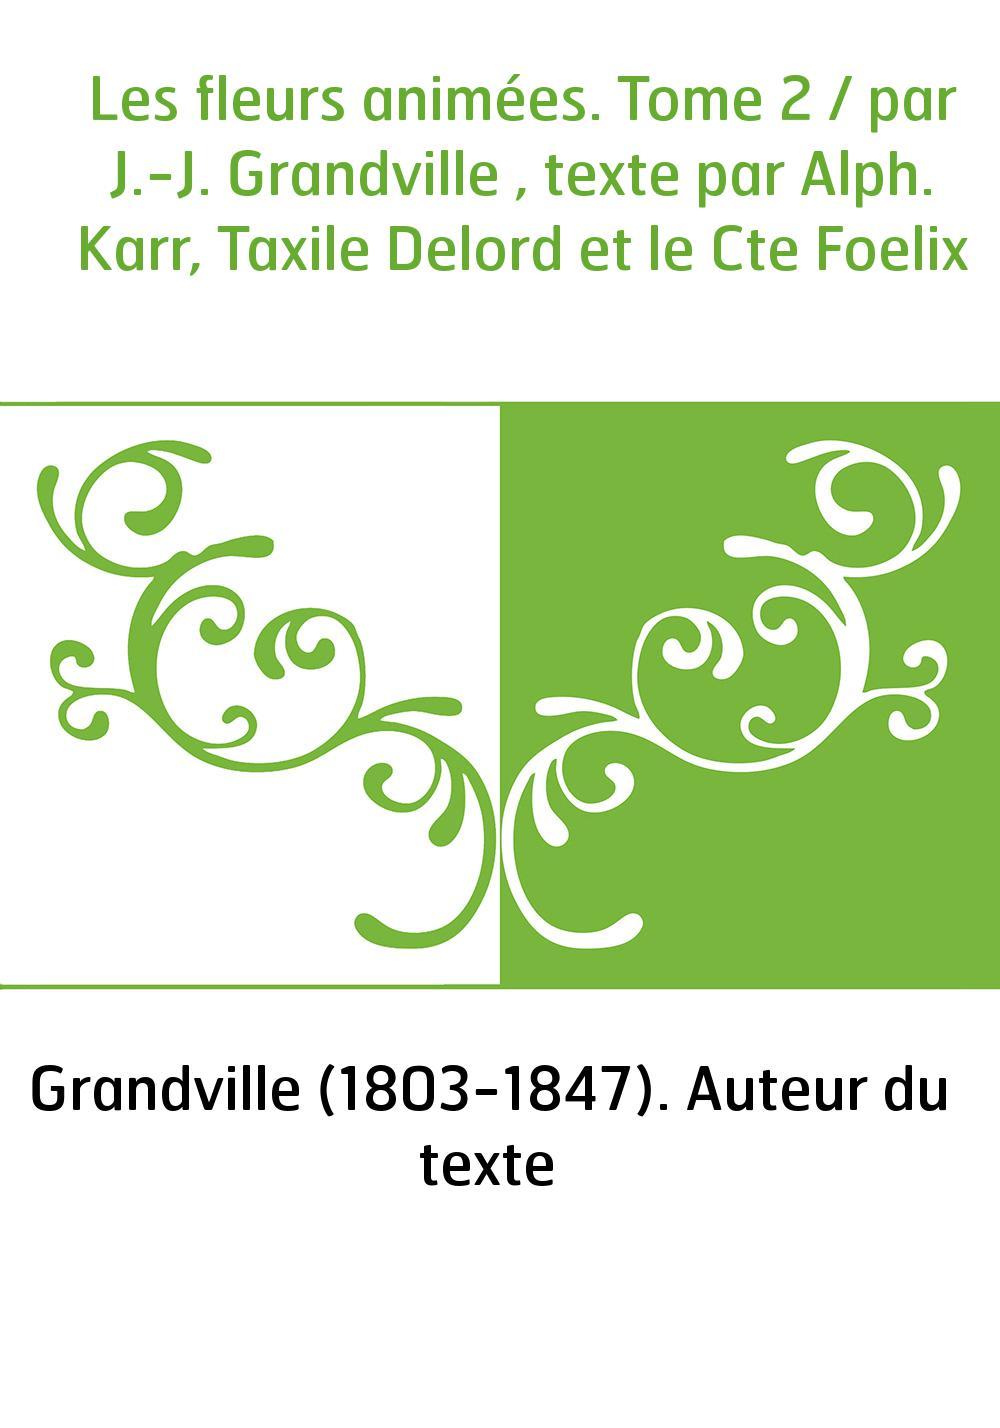 Les fleurs animées. Tome 2 / par J.-J. Grandville , texte par Alph. Karr, Taxile Delord et le Cte Foelix